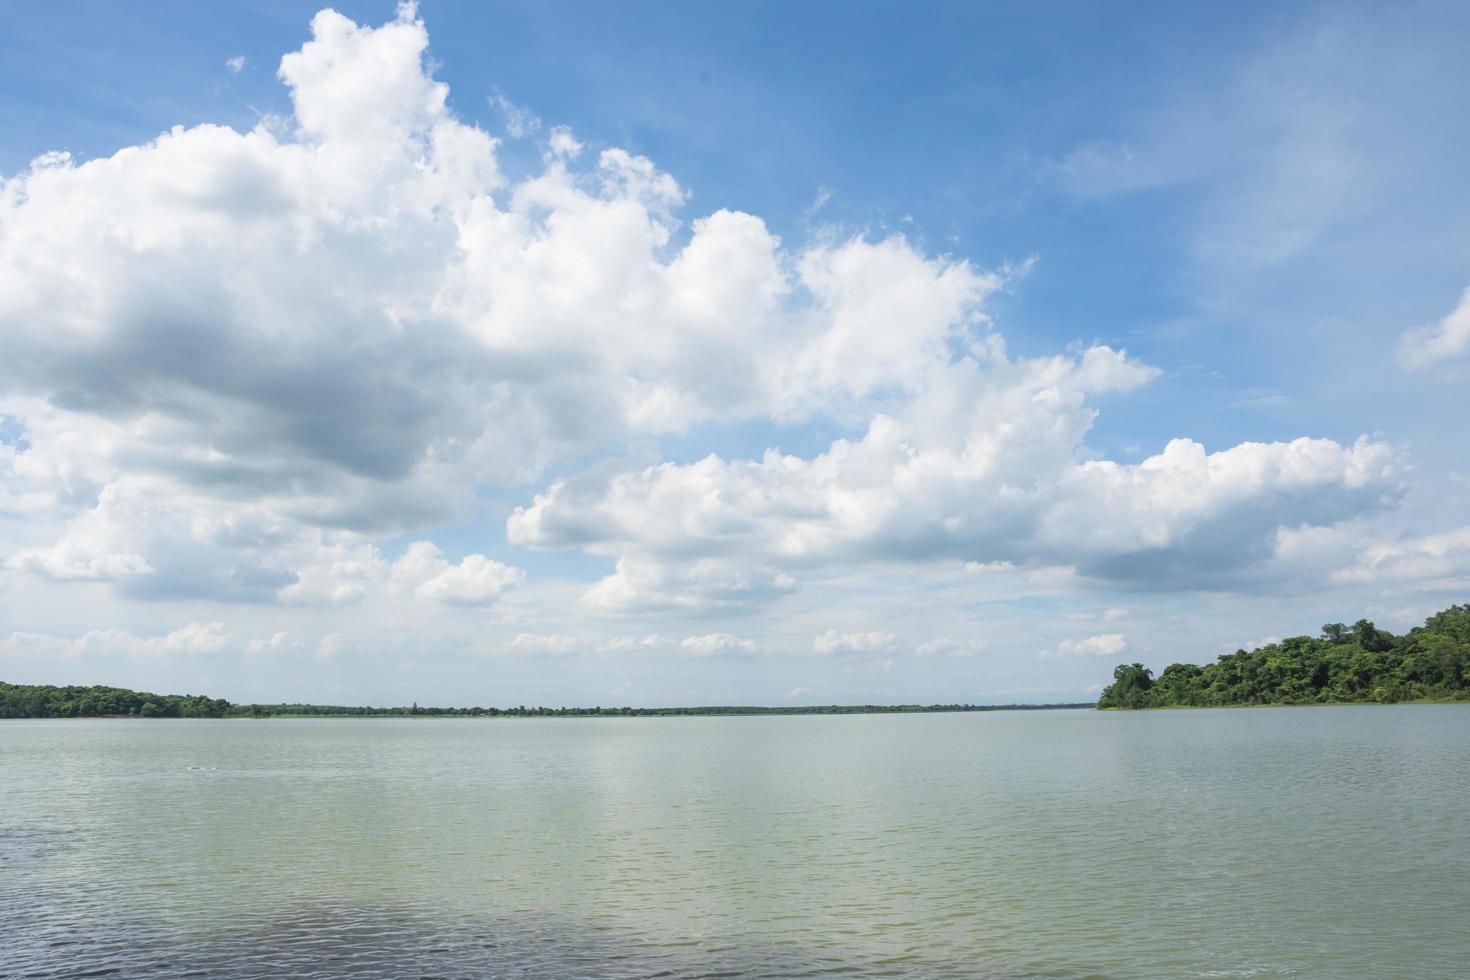 lago bajo el cielo nublado foto